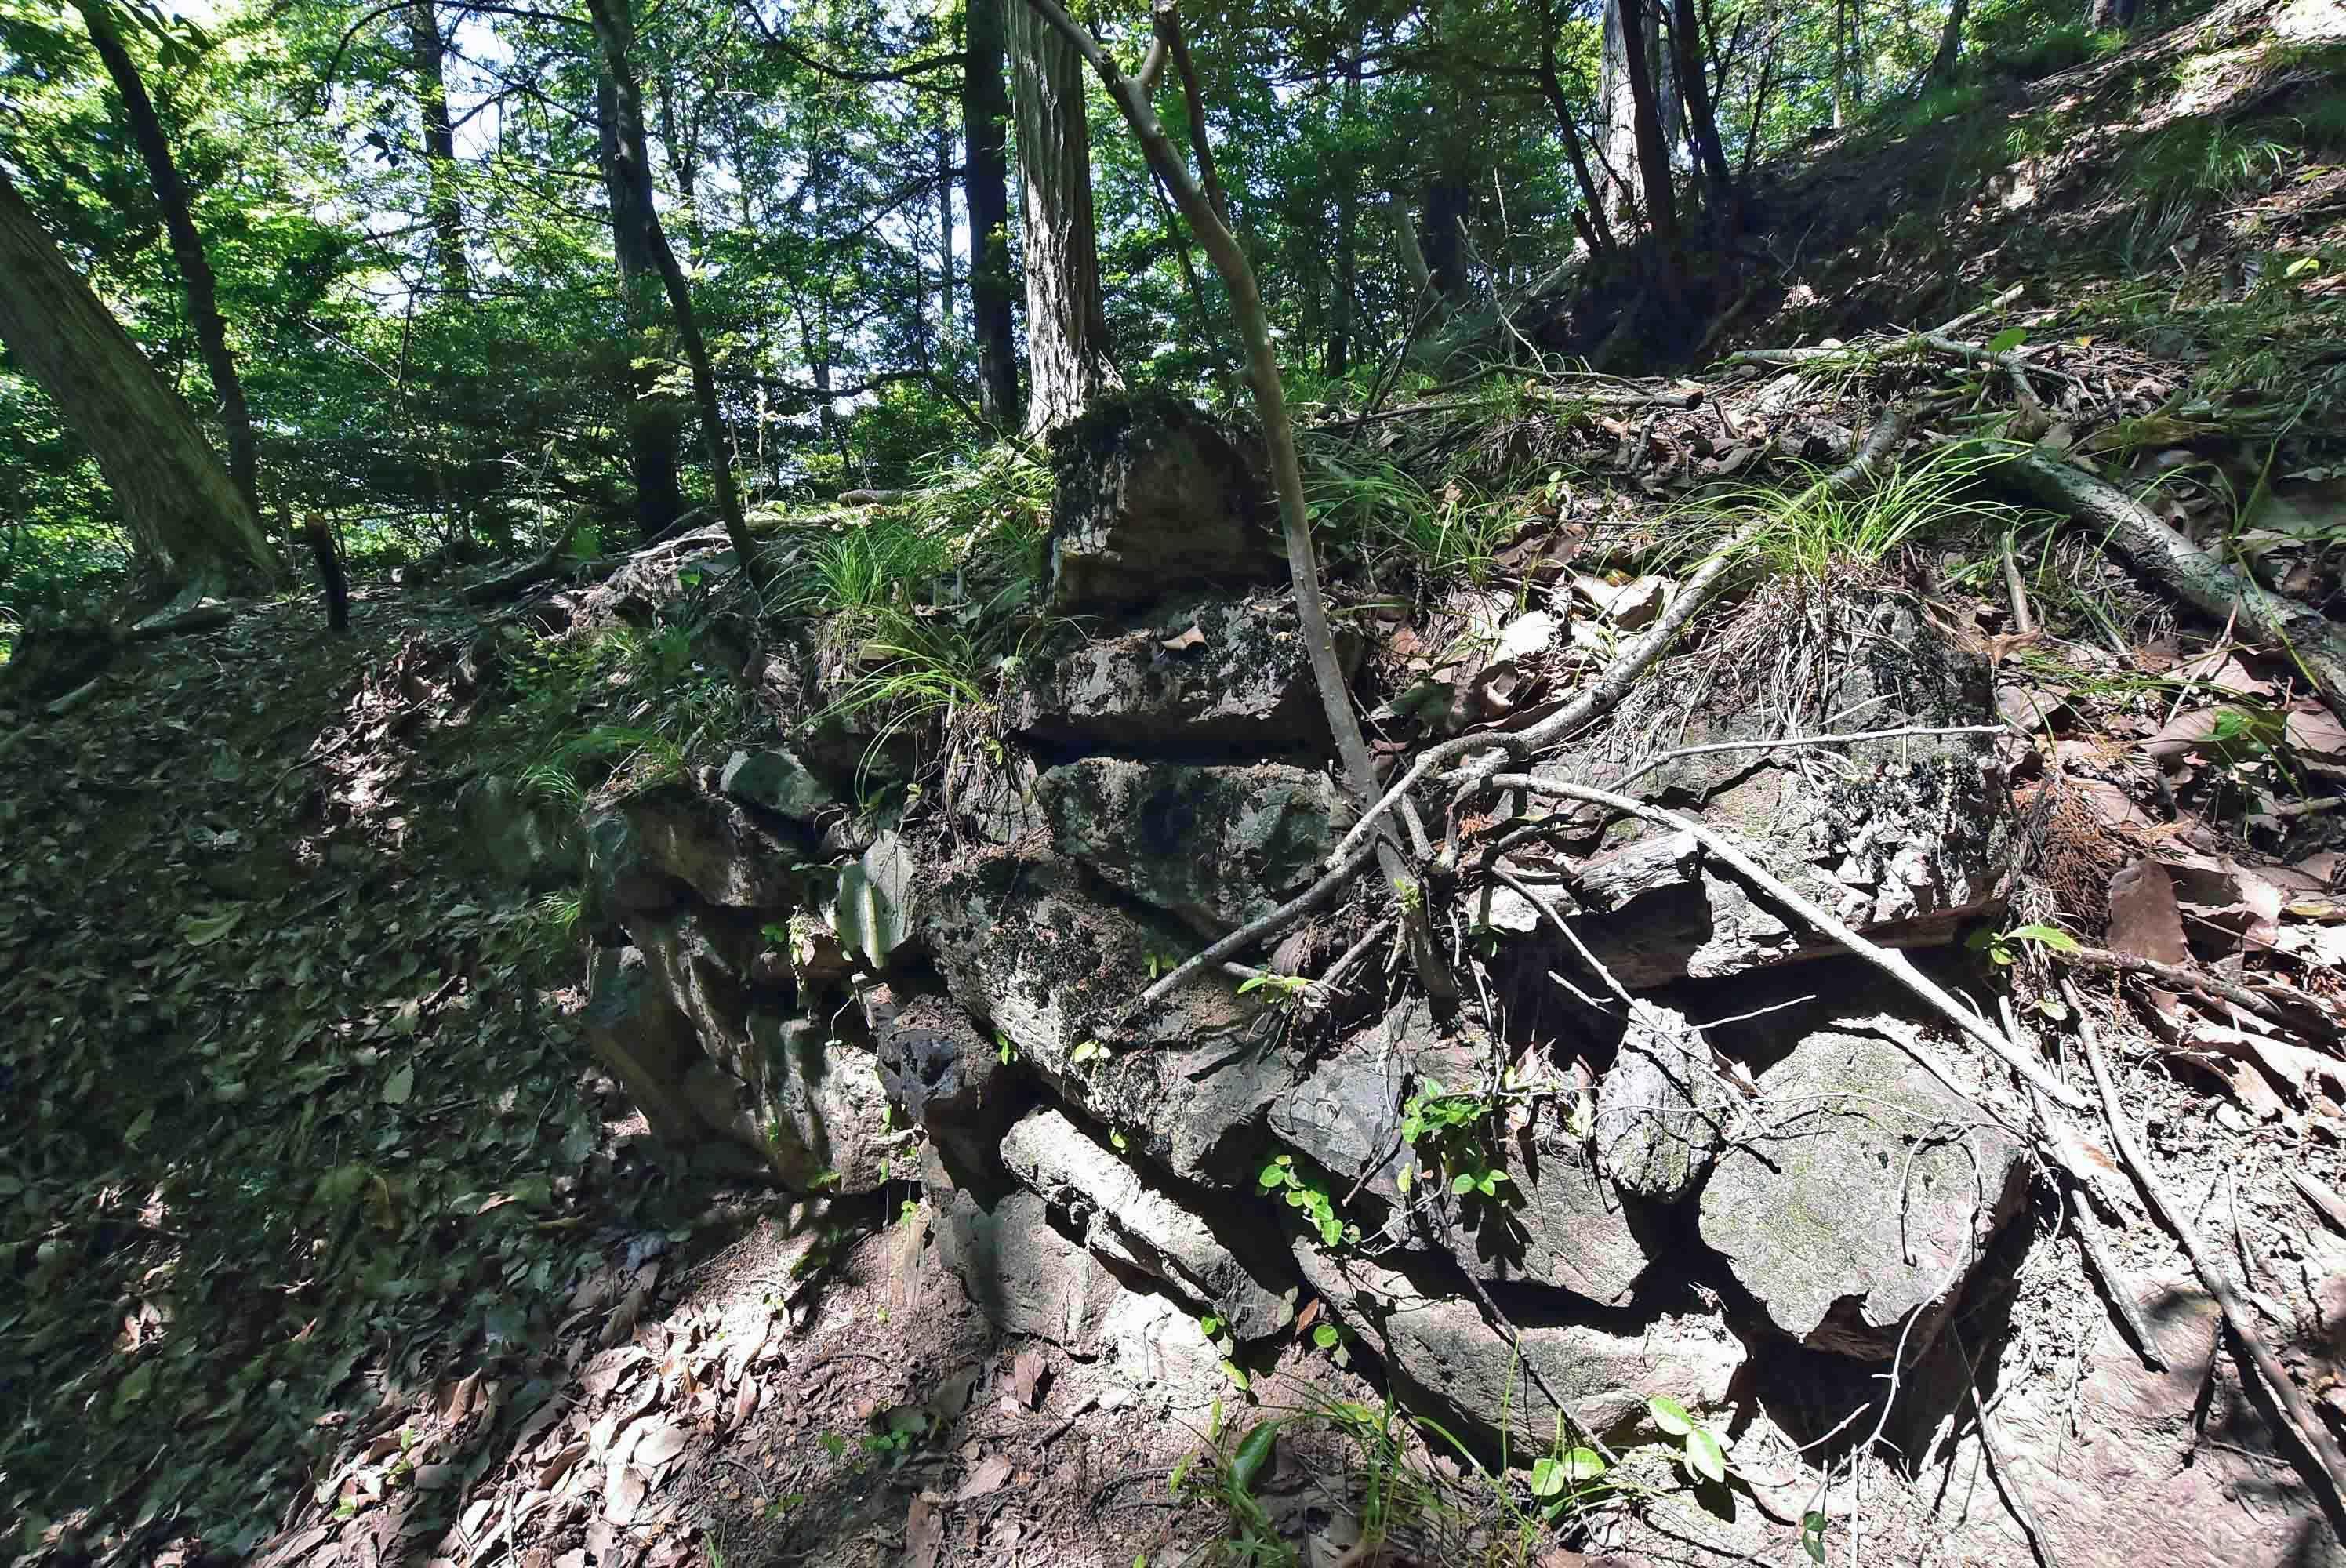 石積郭9側面の